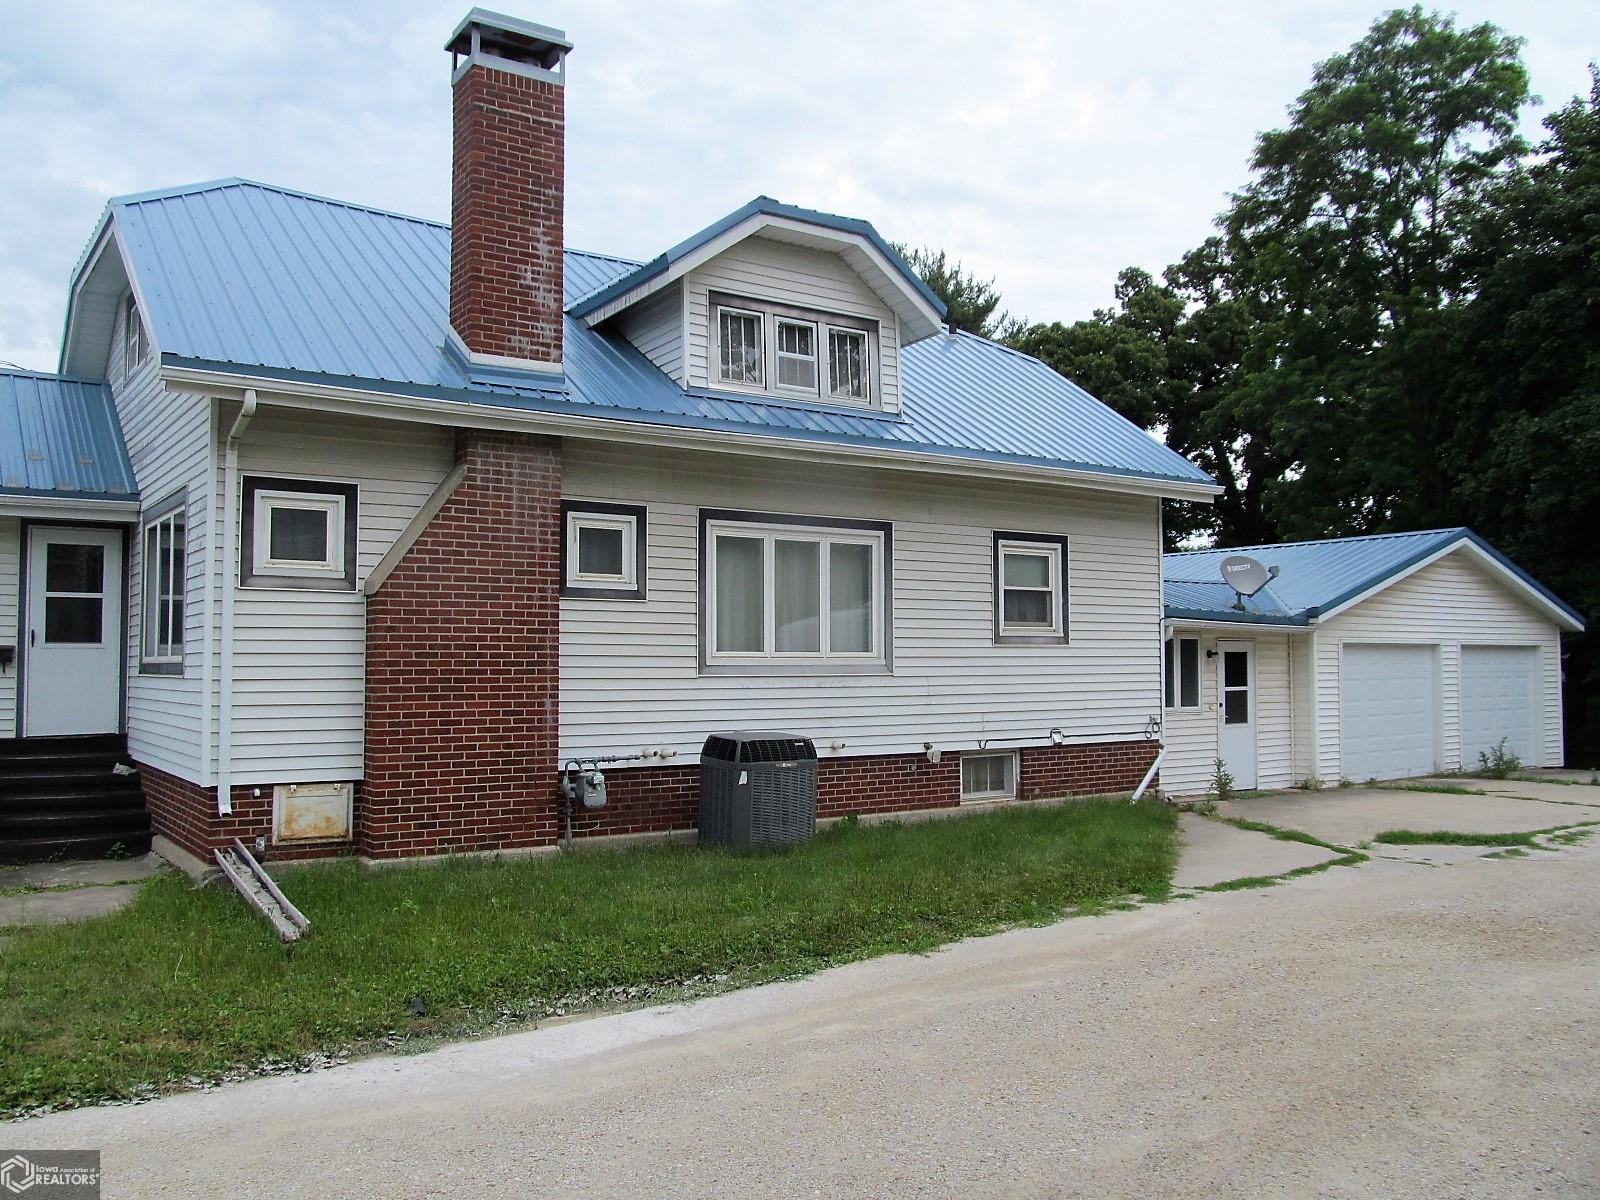 614 Oak Property Photo - Iowa Falls, IA real estate listing